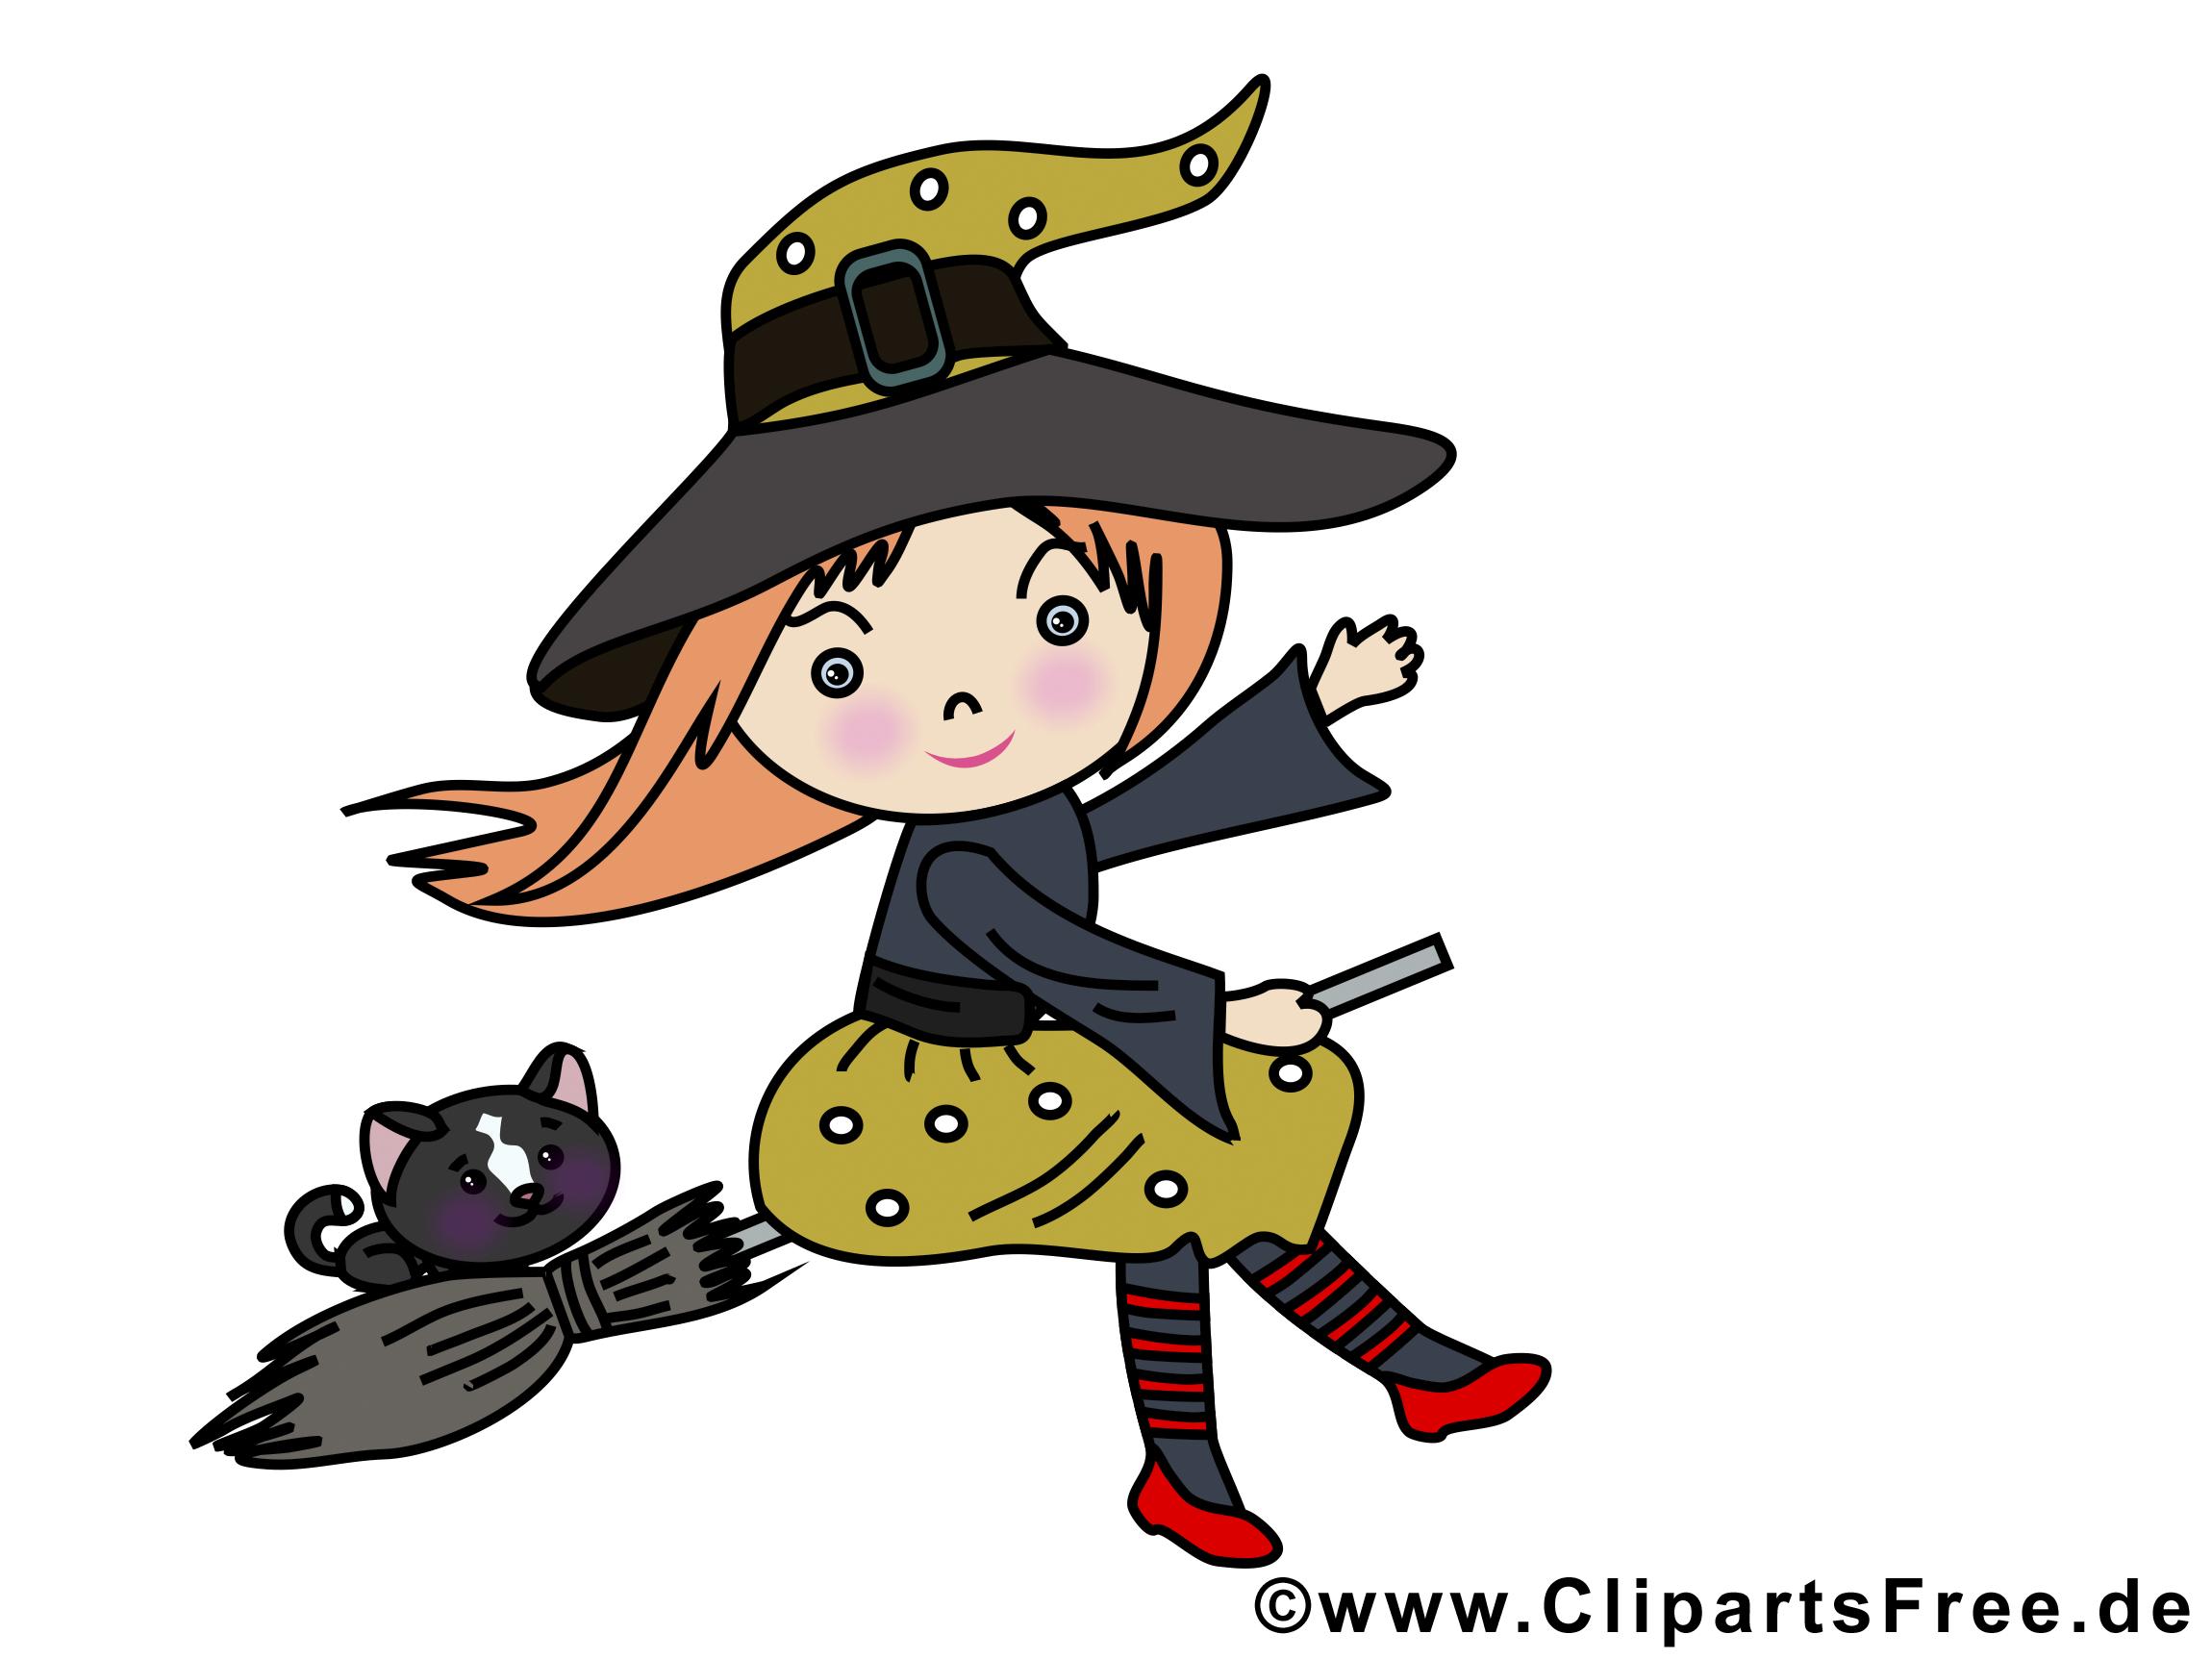 Hexen Walpurgisnacht Bilder, Cartoons, Images